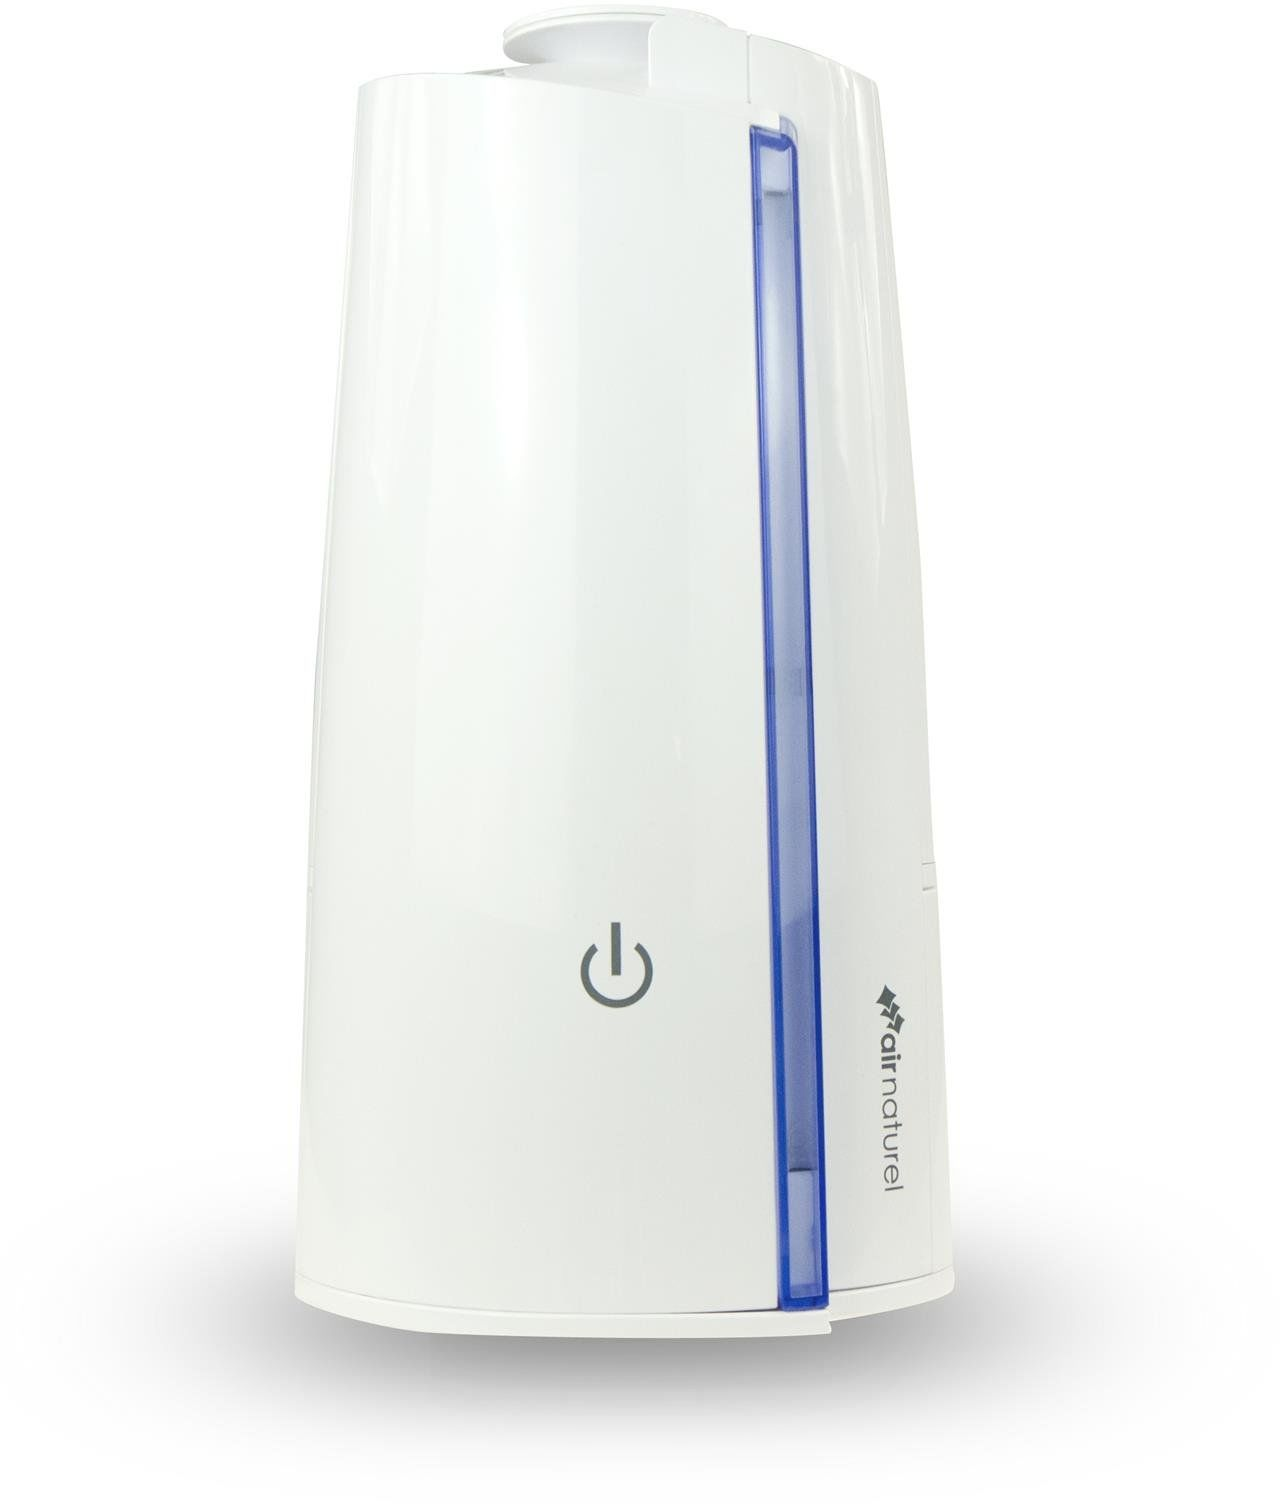 Ultradźwiękowy nawilżacz powietrza Air Naturel Humini